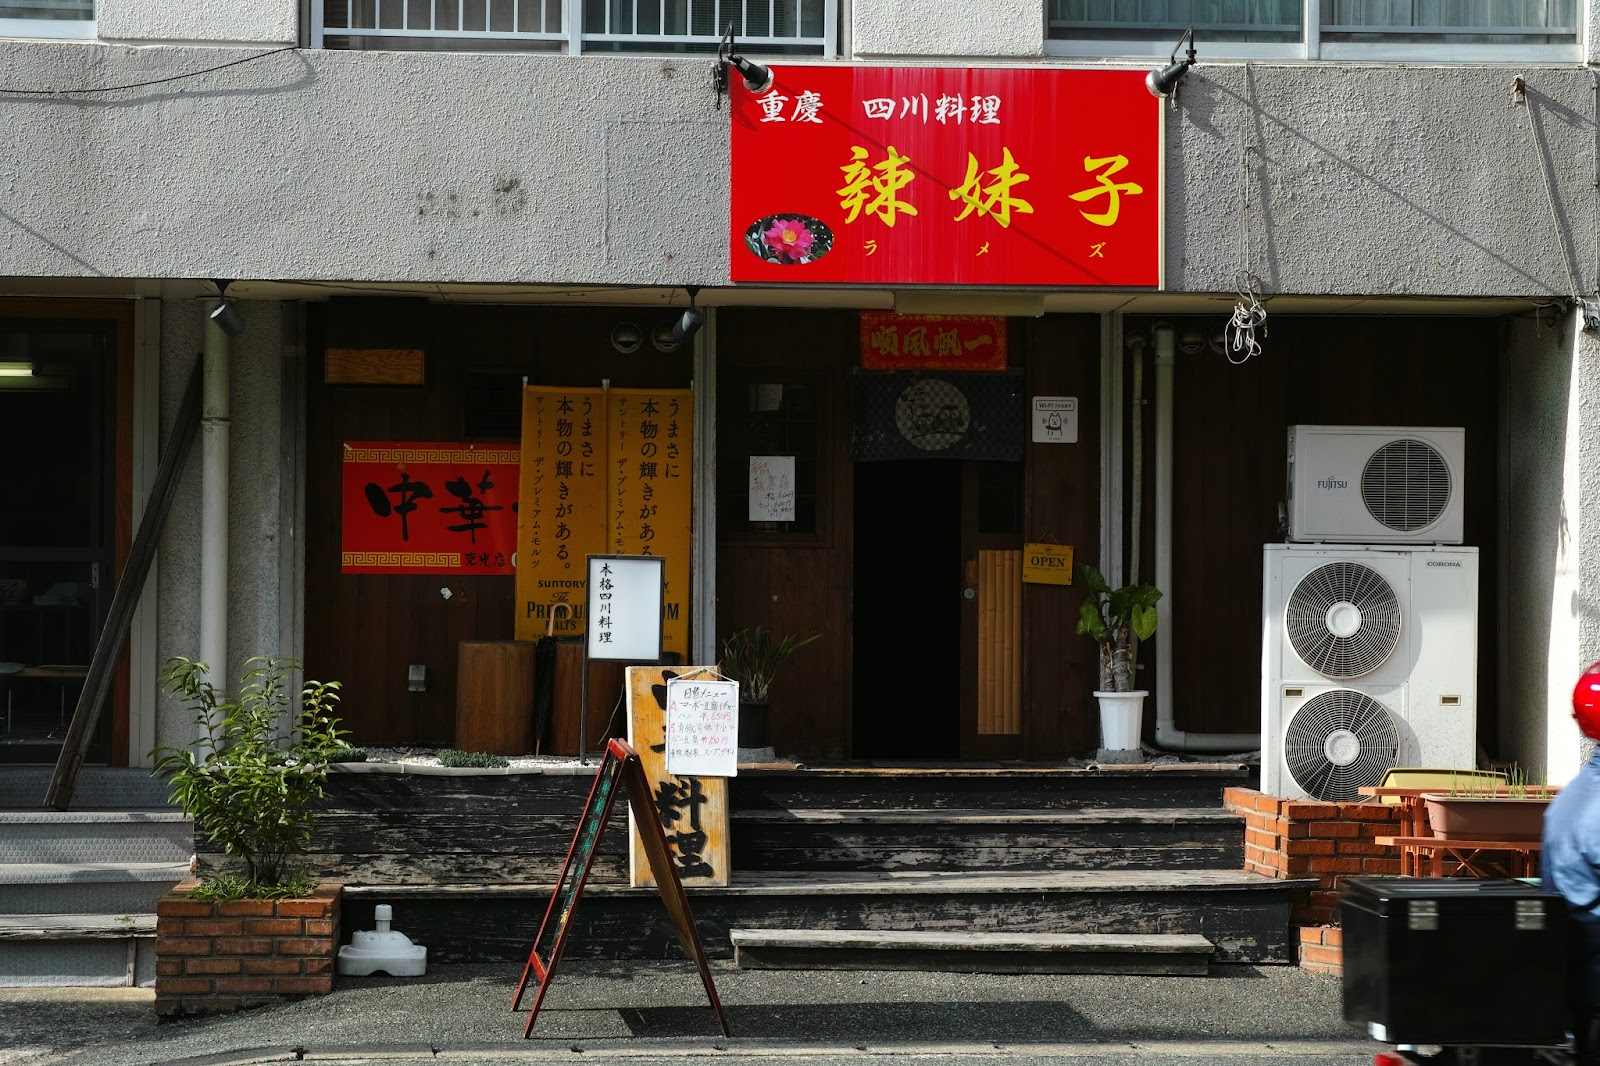 四川料理 辣妹子(ラメズ)